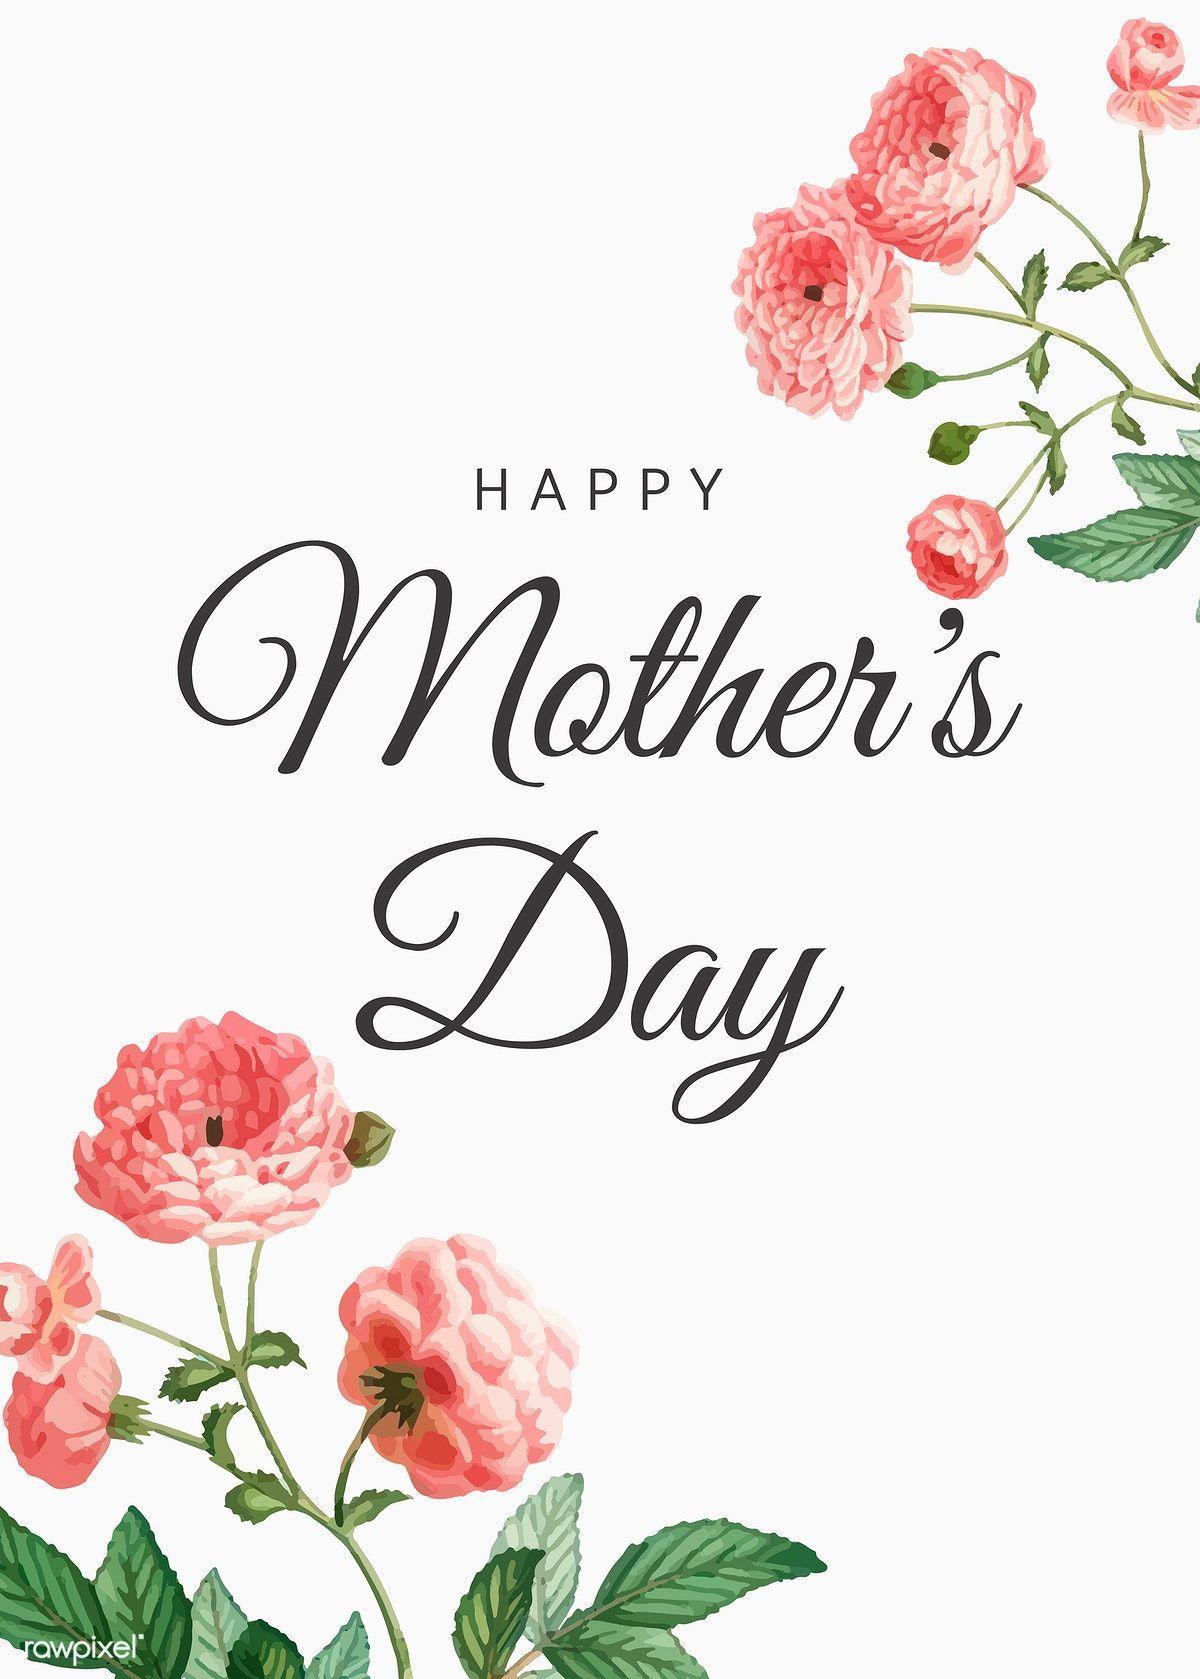 Download Premium Vector Of Happy Mother S Day Card Vector 845983